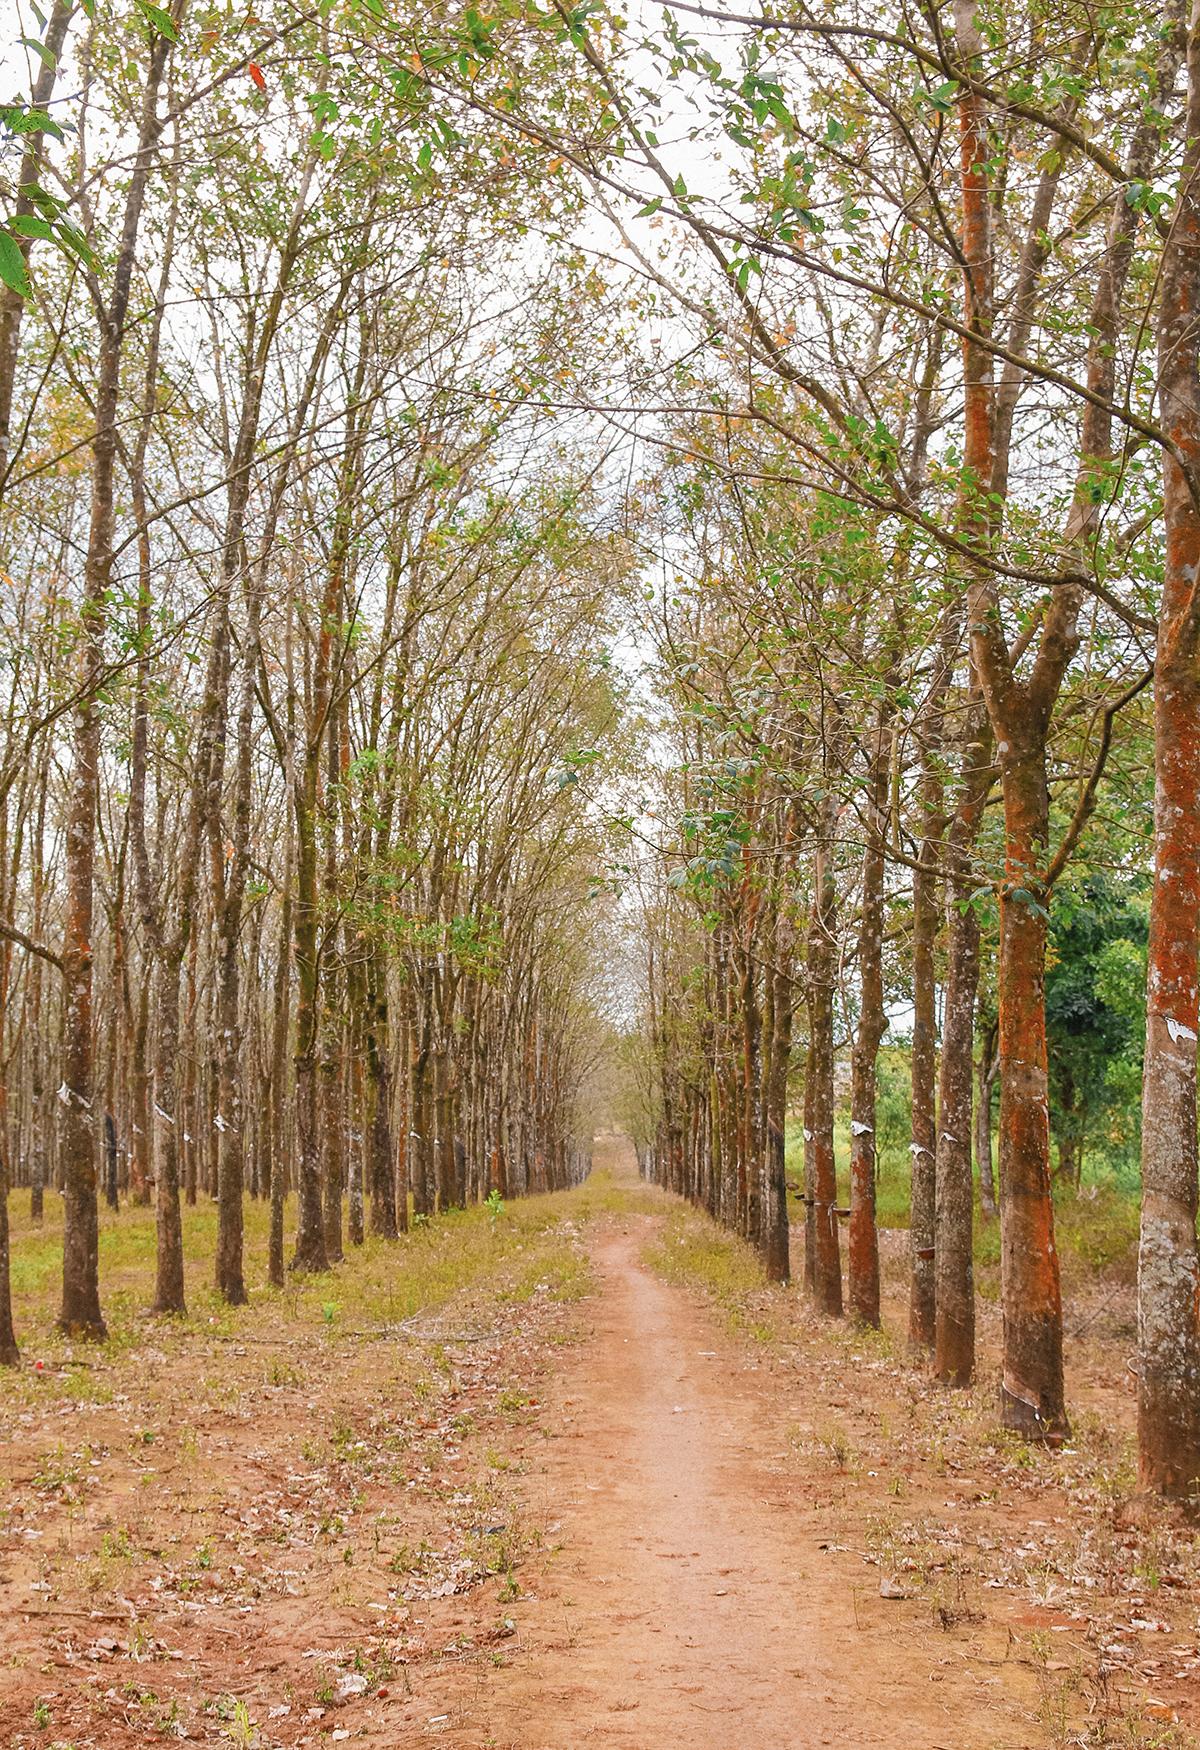 Trong khi mùa mưa Tây Nguyên kéo dài từ tháng 5 đến tháng 10, thì thời điểm chuyển sang tháng 11 là khi đất trời Gia Lai bước vào mùa khô, độ ẩm và nhiệt độ thấp. Những cánh rừng cũng bắt đầu trút lá miên man khắp cả một khoảng trời rộng lớn.